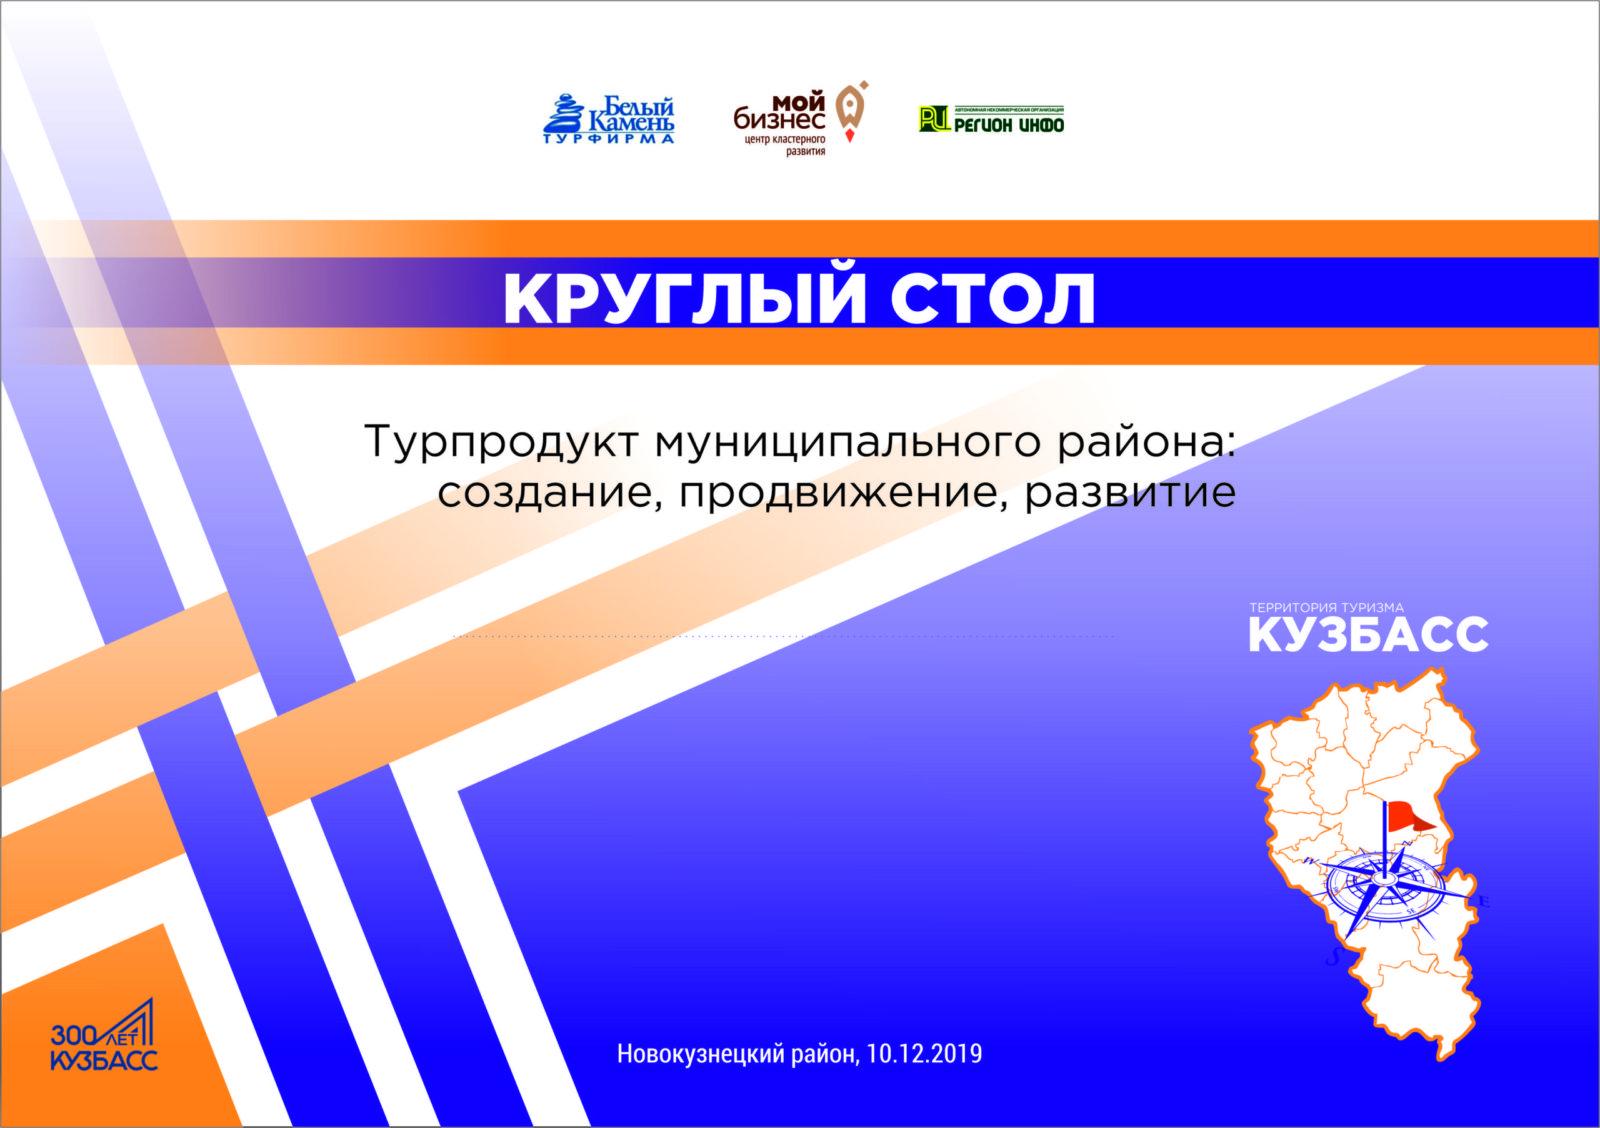 круглый стол_турпродукт муниципального района